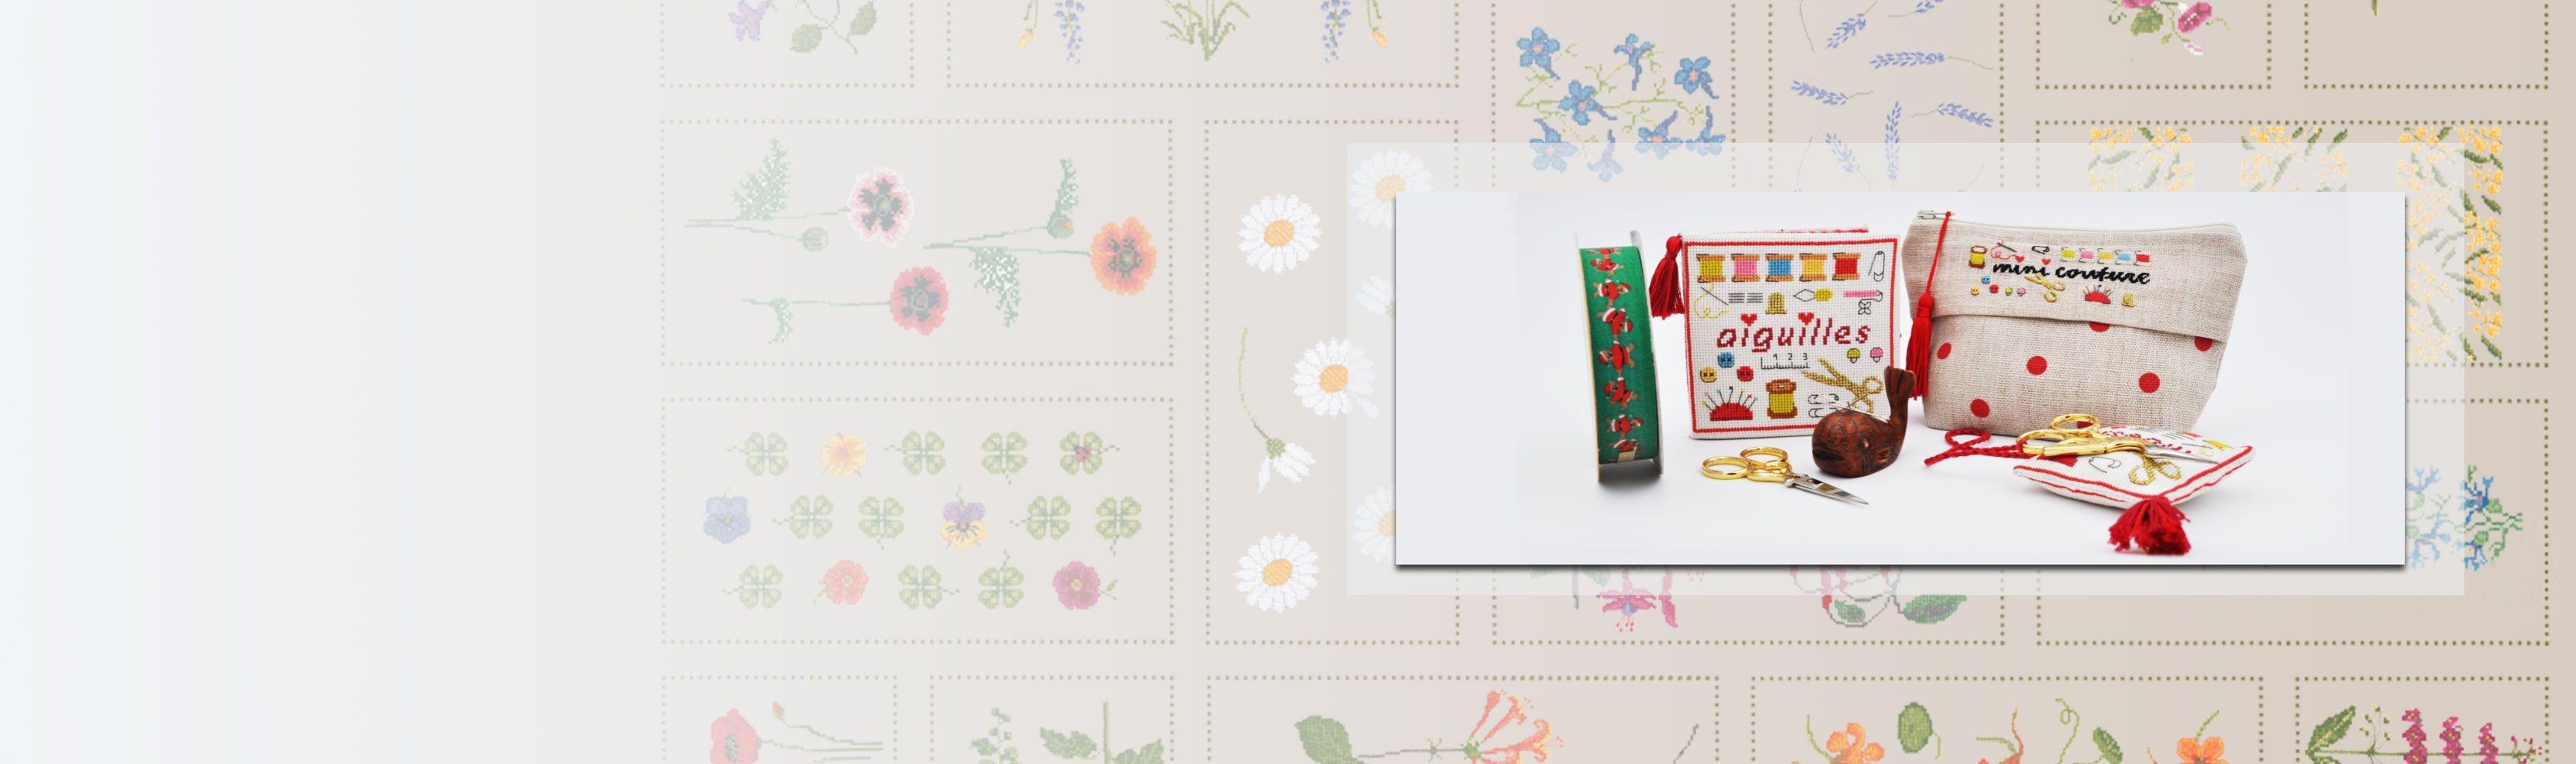 Kits broderie par Cécile Vessière pour Le Bonheur des Dames